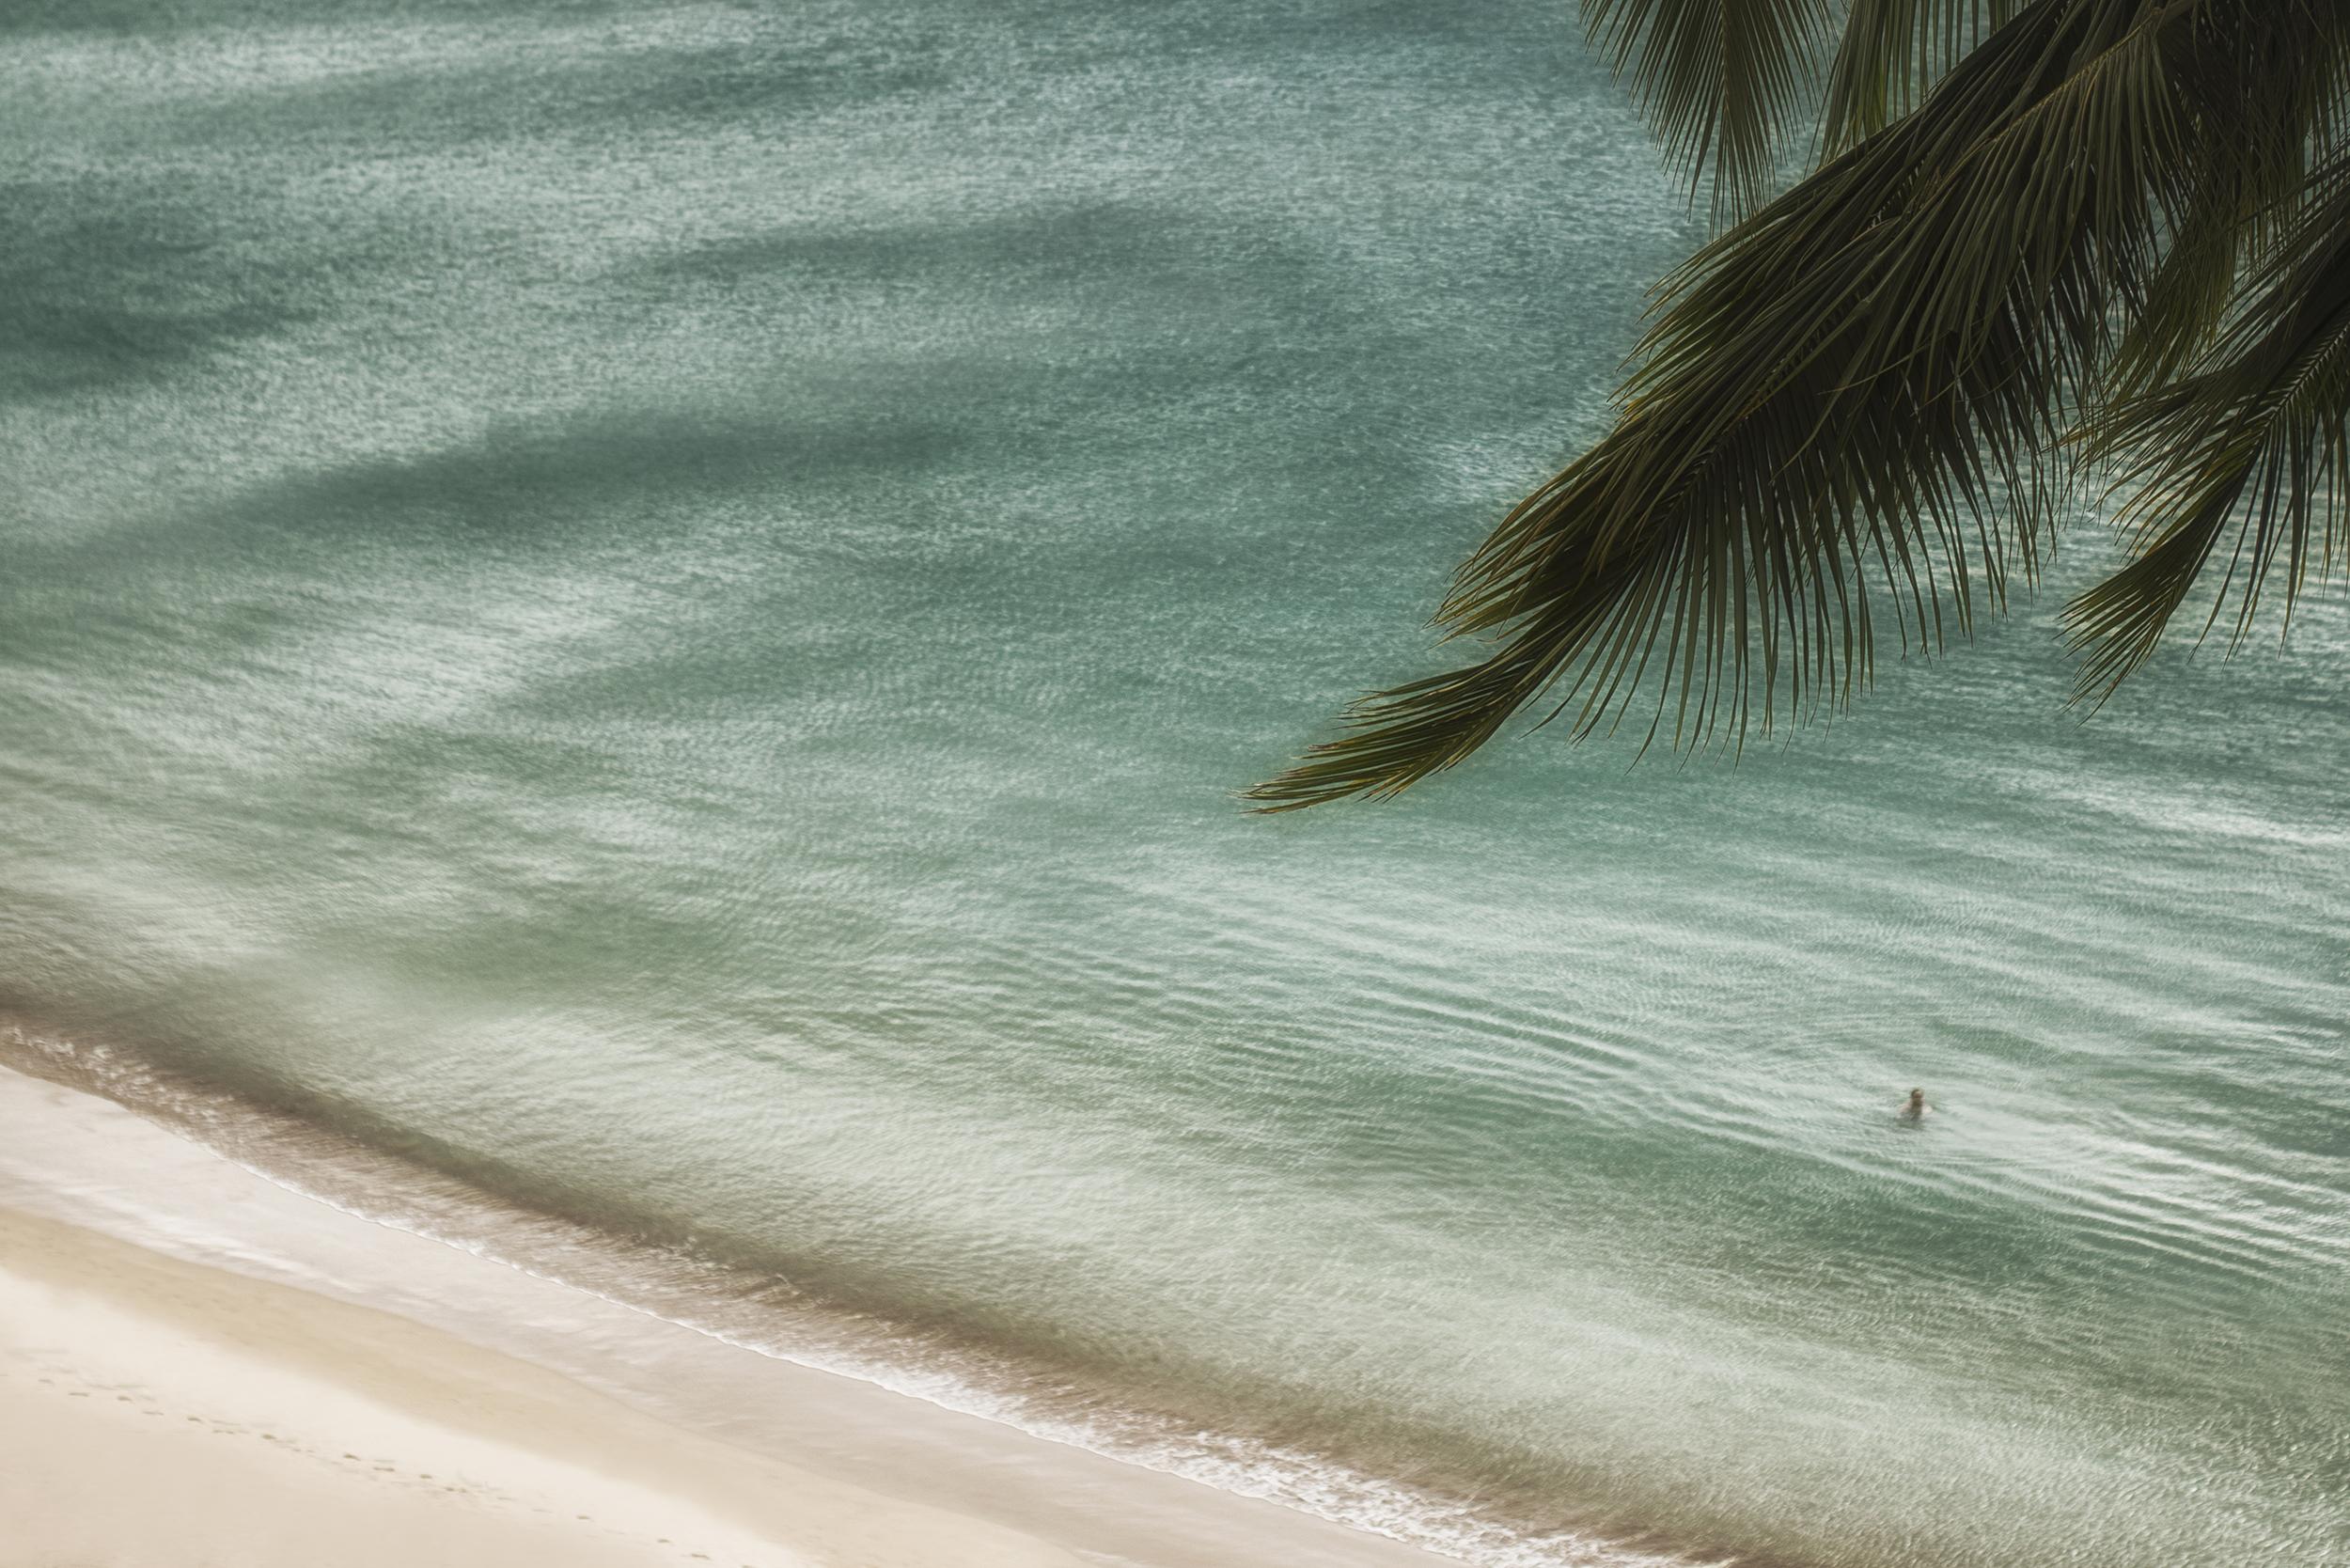 solo_beach_web.jpeg